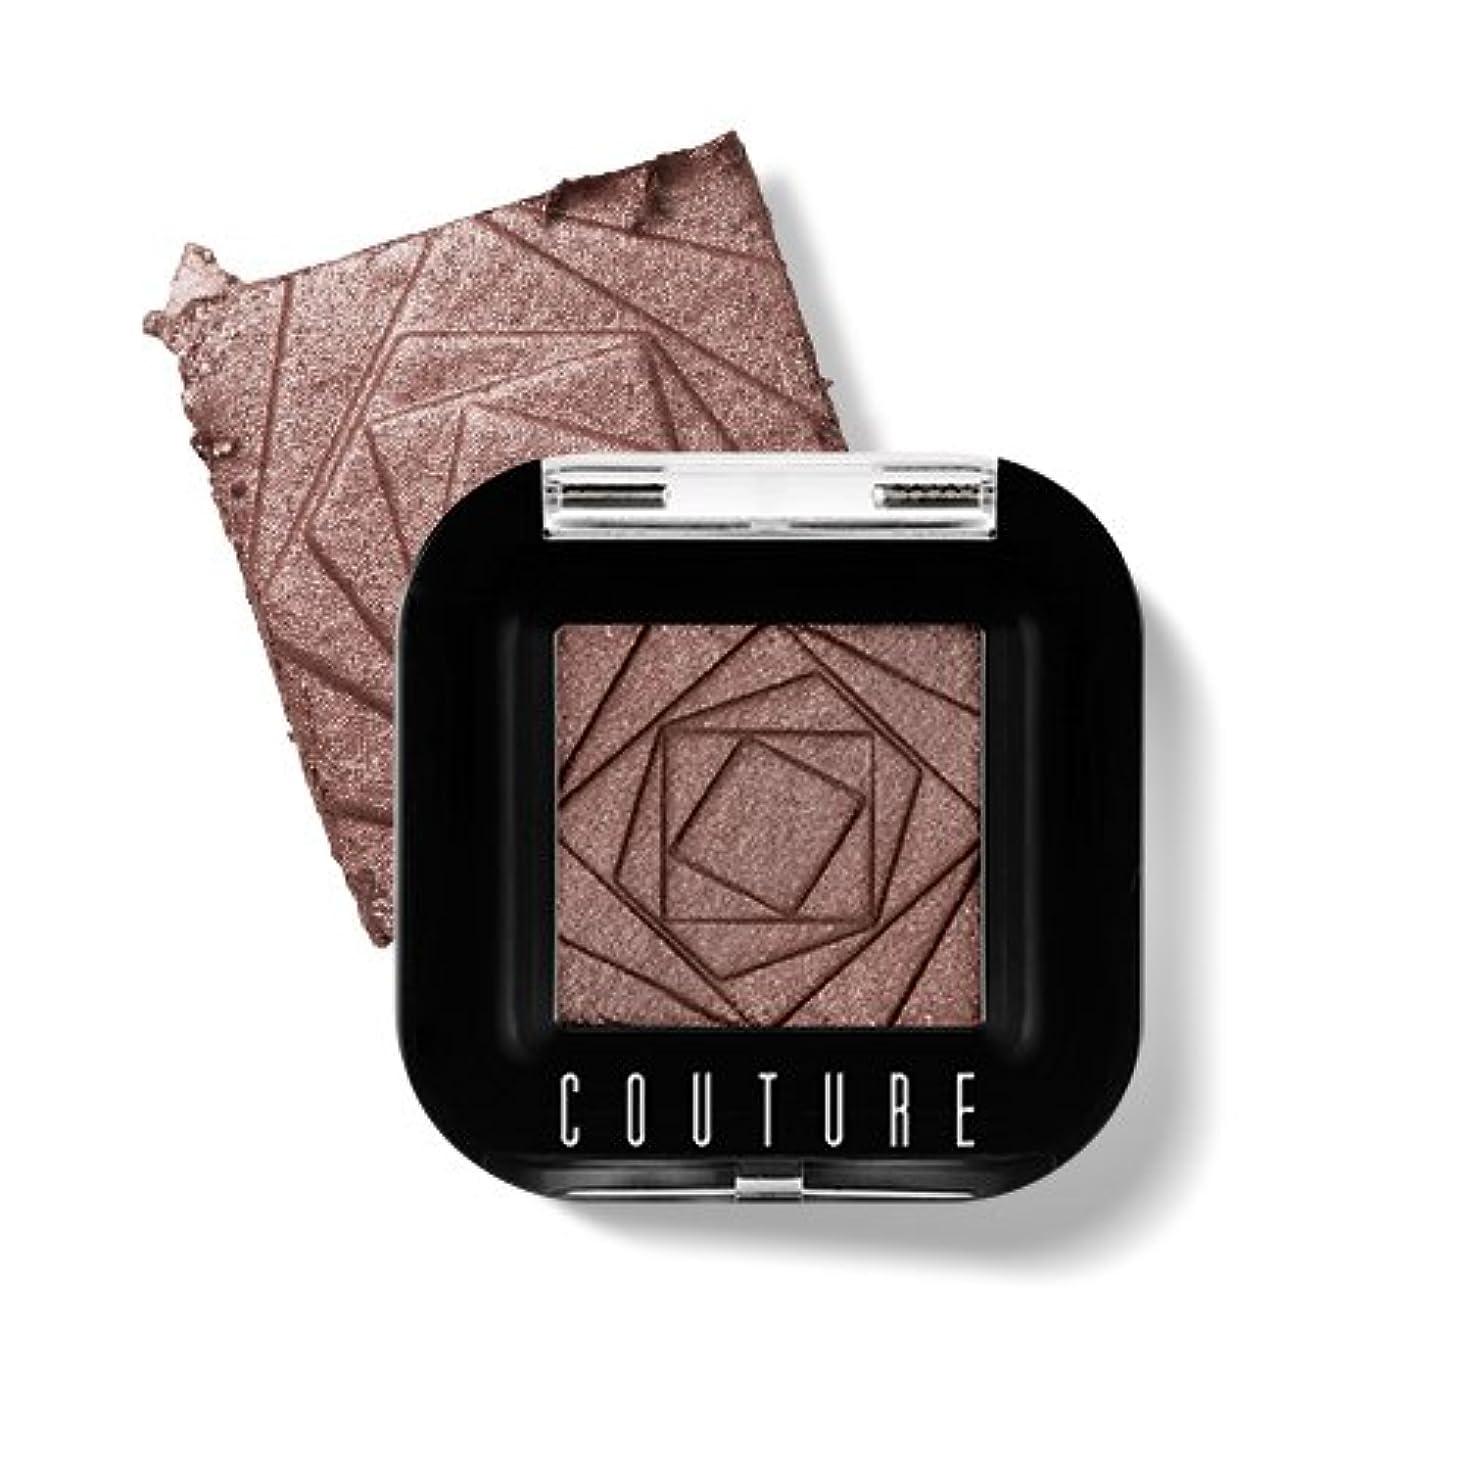 の慈悲で後継マニアックAPIEU Couture Shadow (# 5) /アピュ/オピュ クチュールシャドウ [並行輸入品]